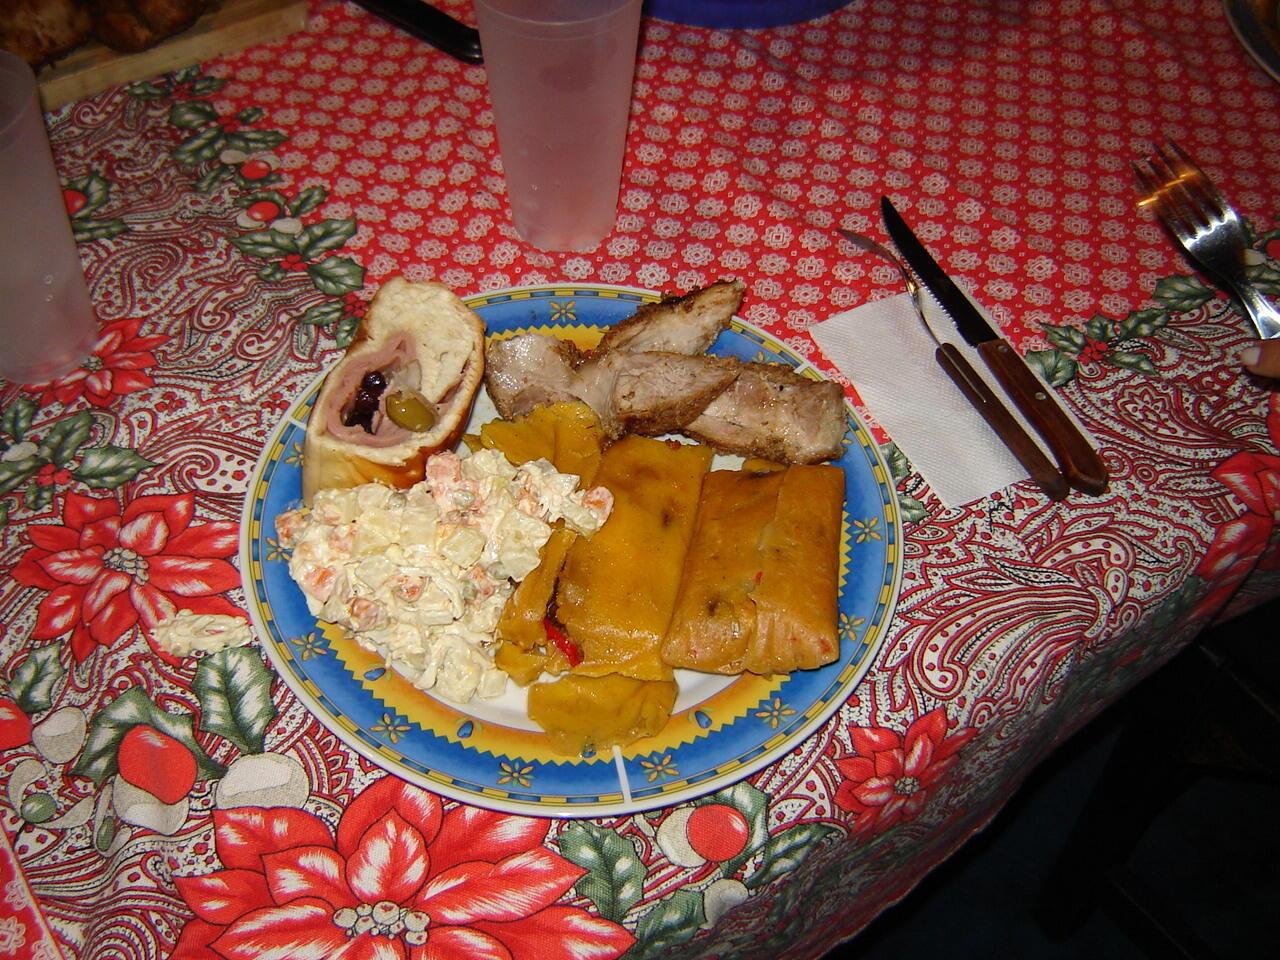 Le «Pernil navideño» est un des plats typiques des fêtes de fin d'année au Vénézuela avec le Pan de Jamon et la ensalada de Gallina.